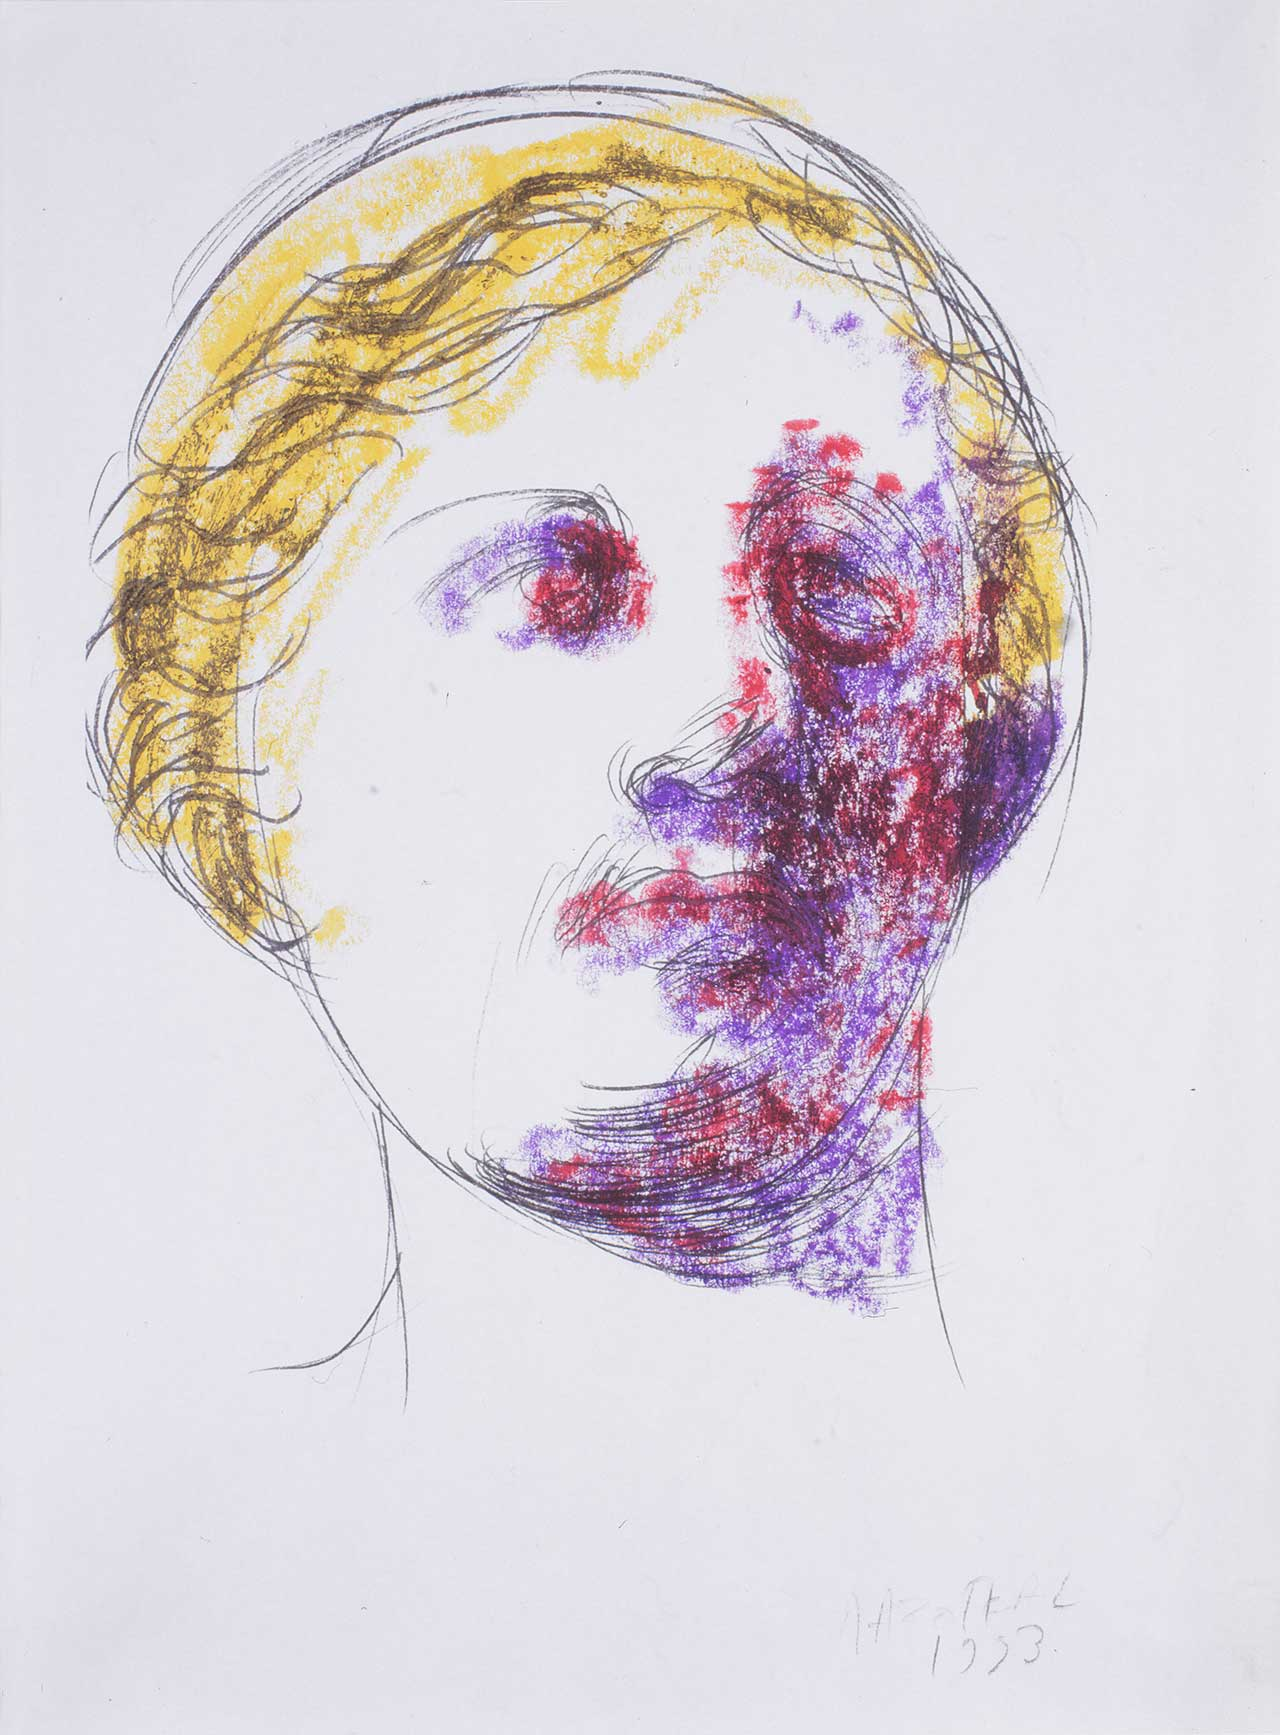 Κεφαλή, 1993, σχέδιο, 29x21 εκ.